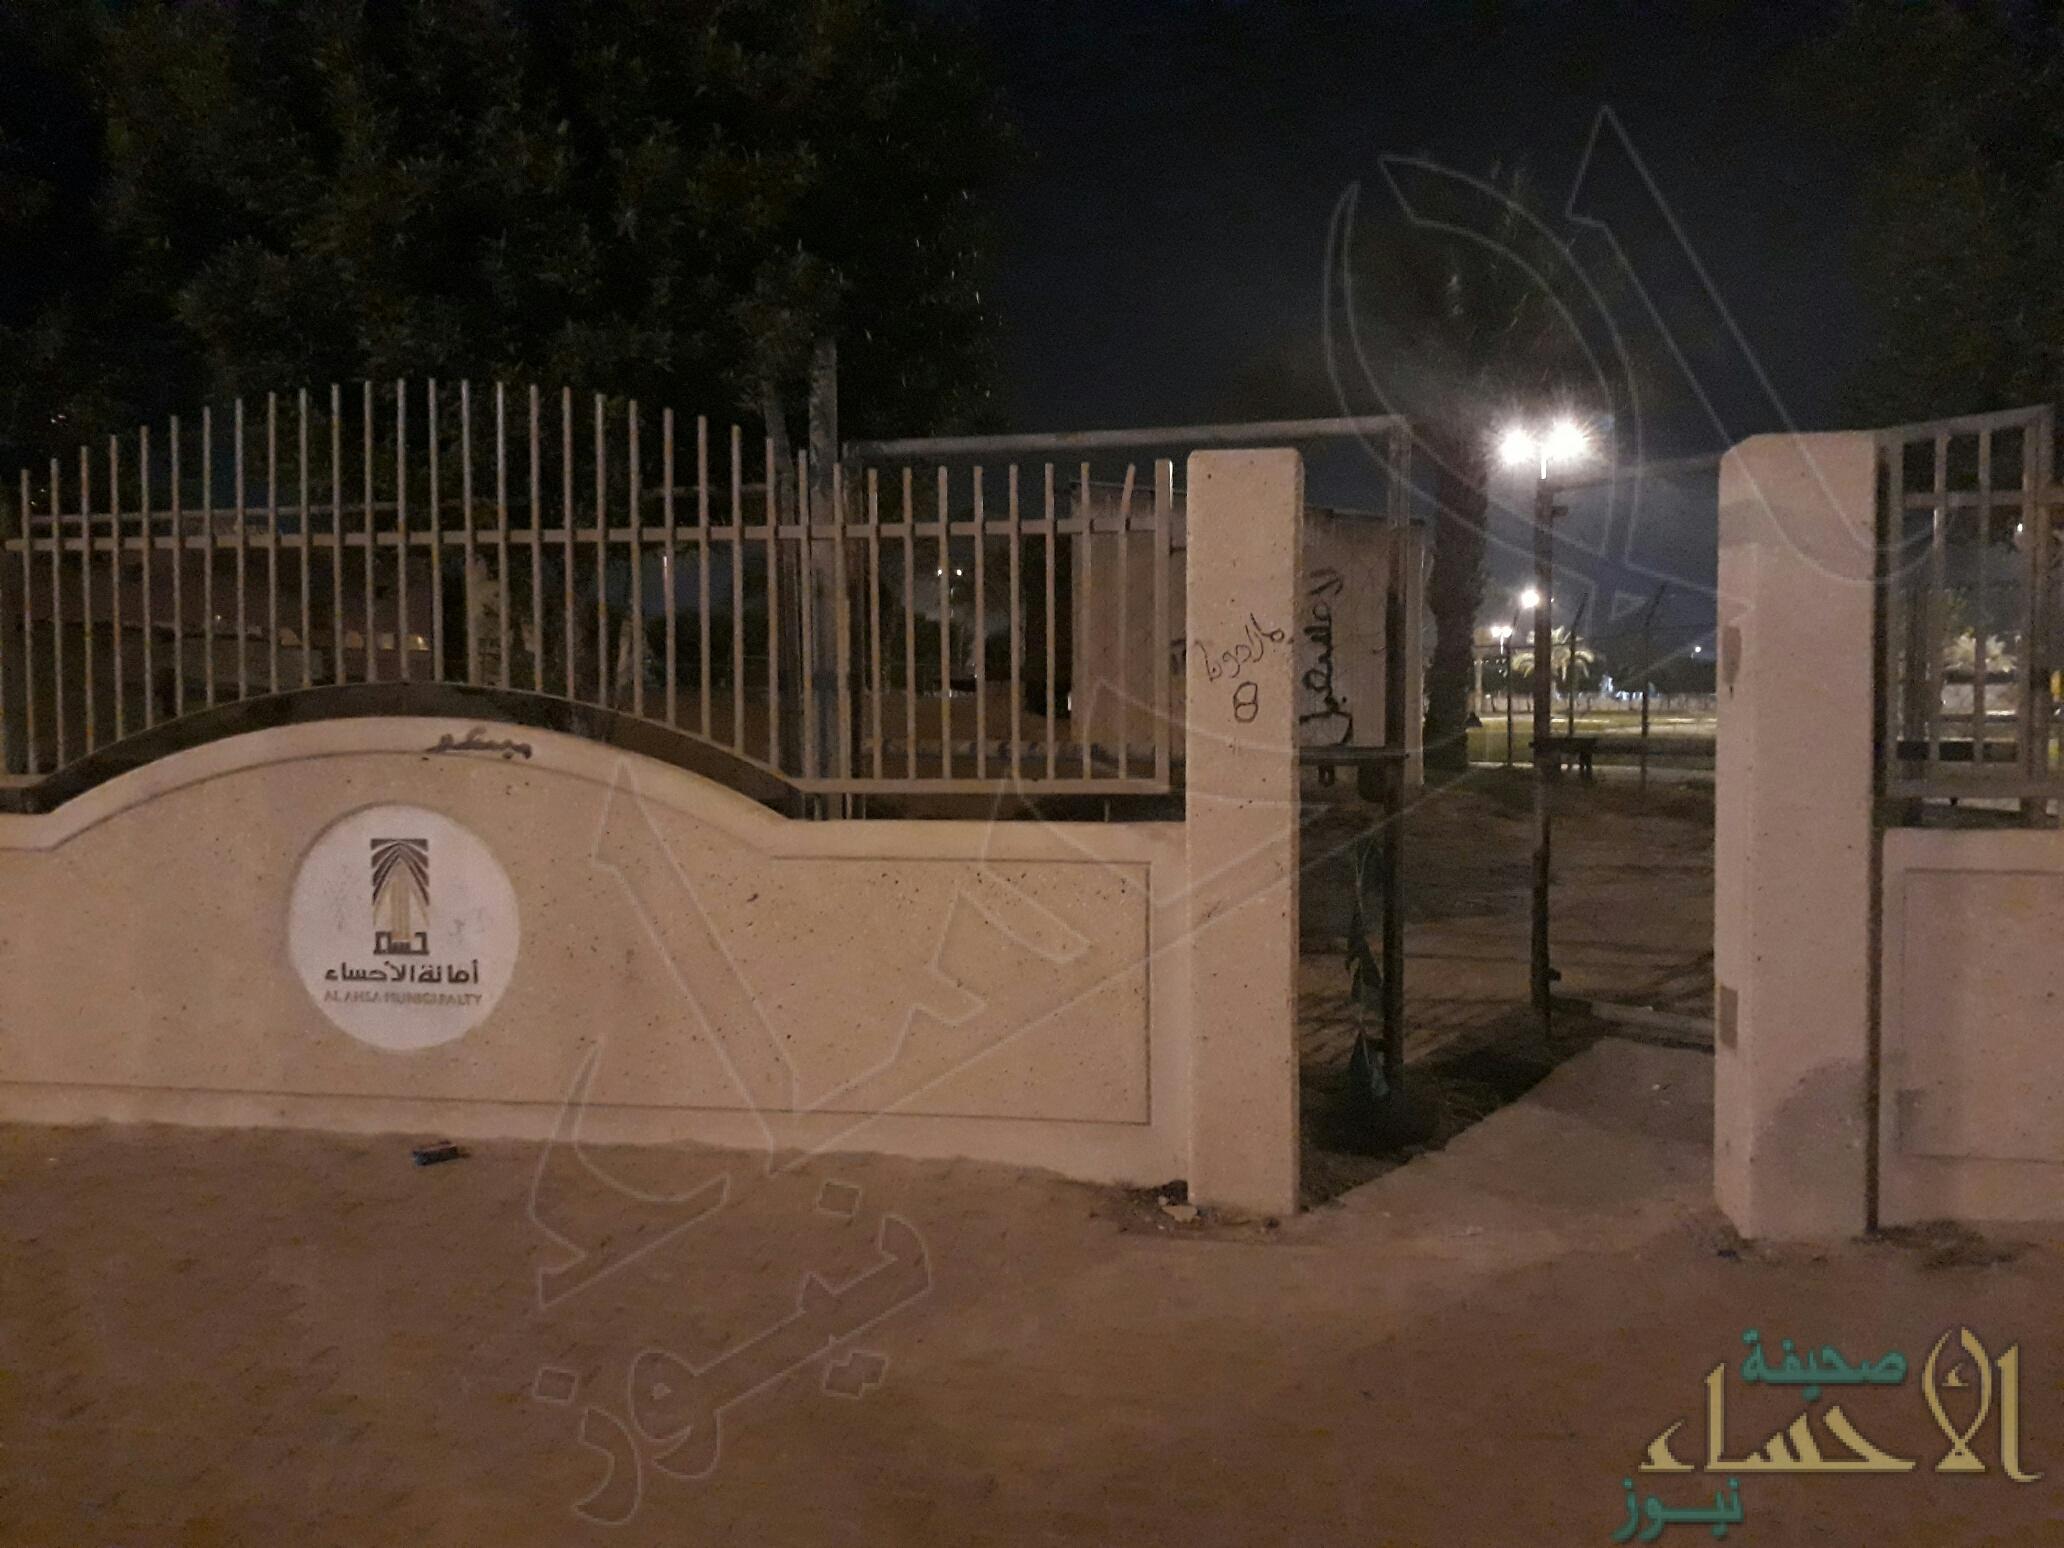 اخبار عن حديقة بلدية مدينة العيون